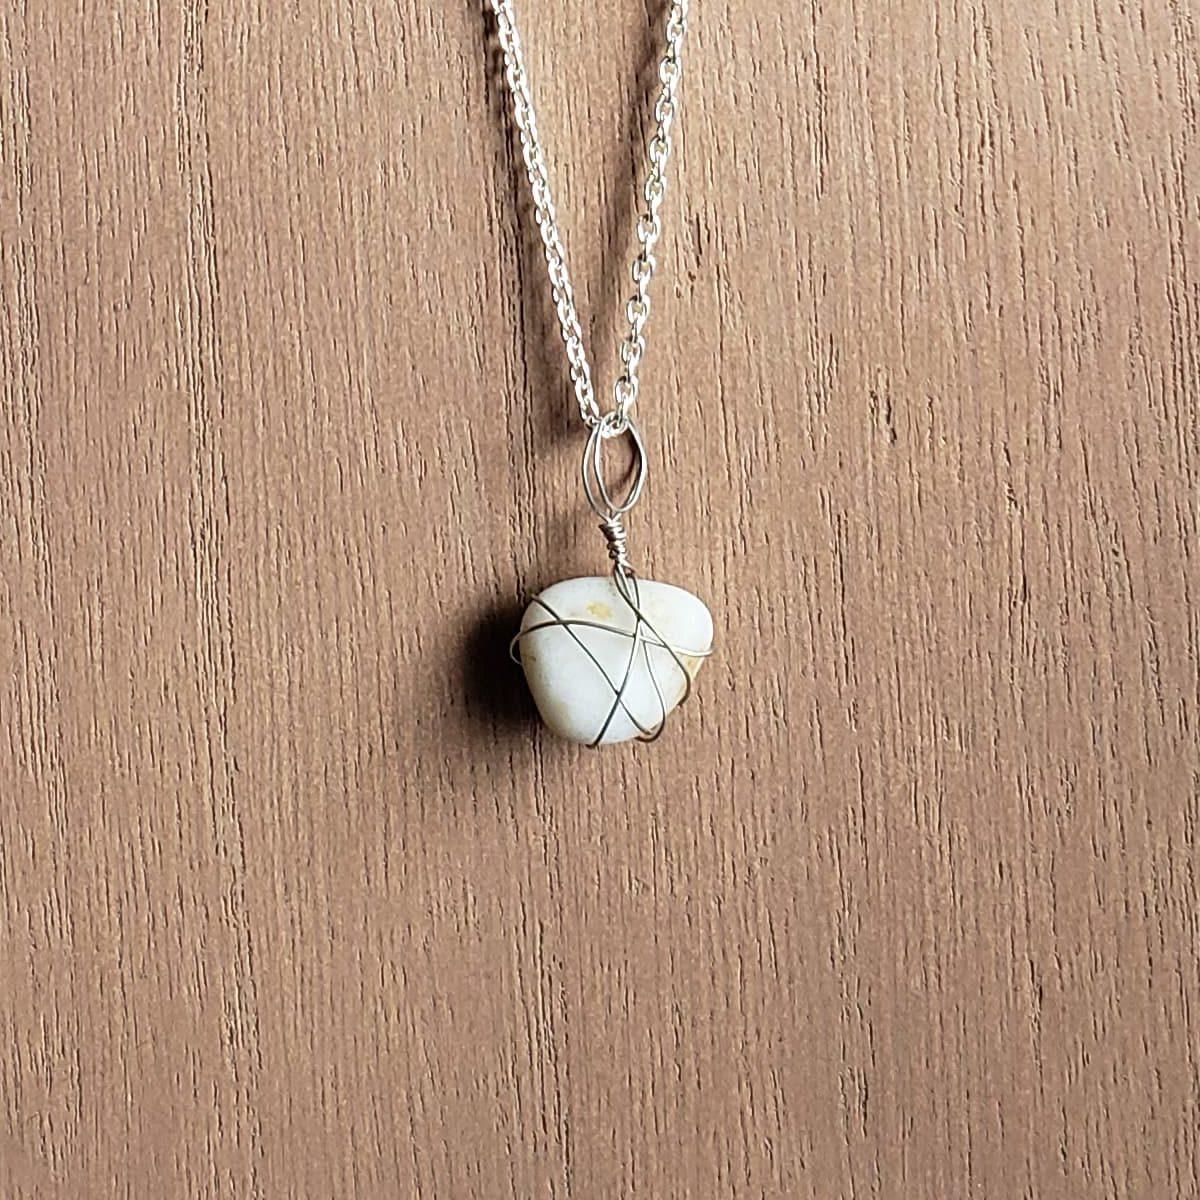 Homemade beach sea glass necklace